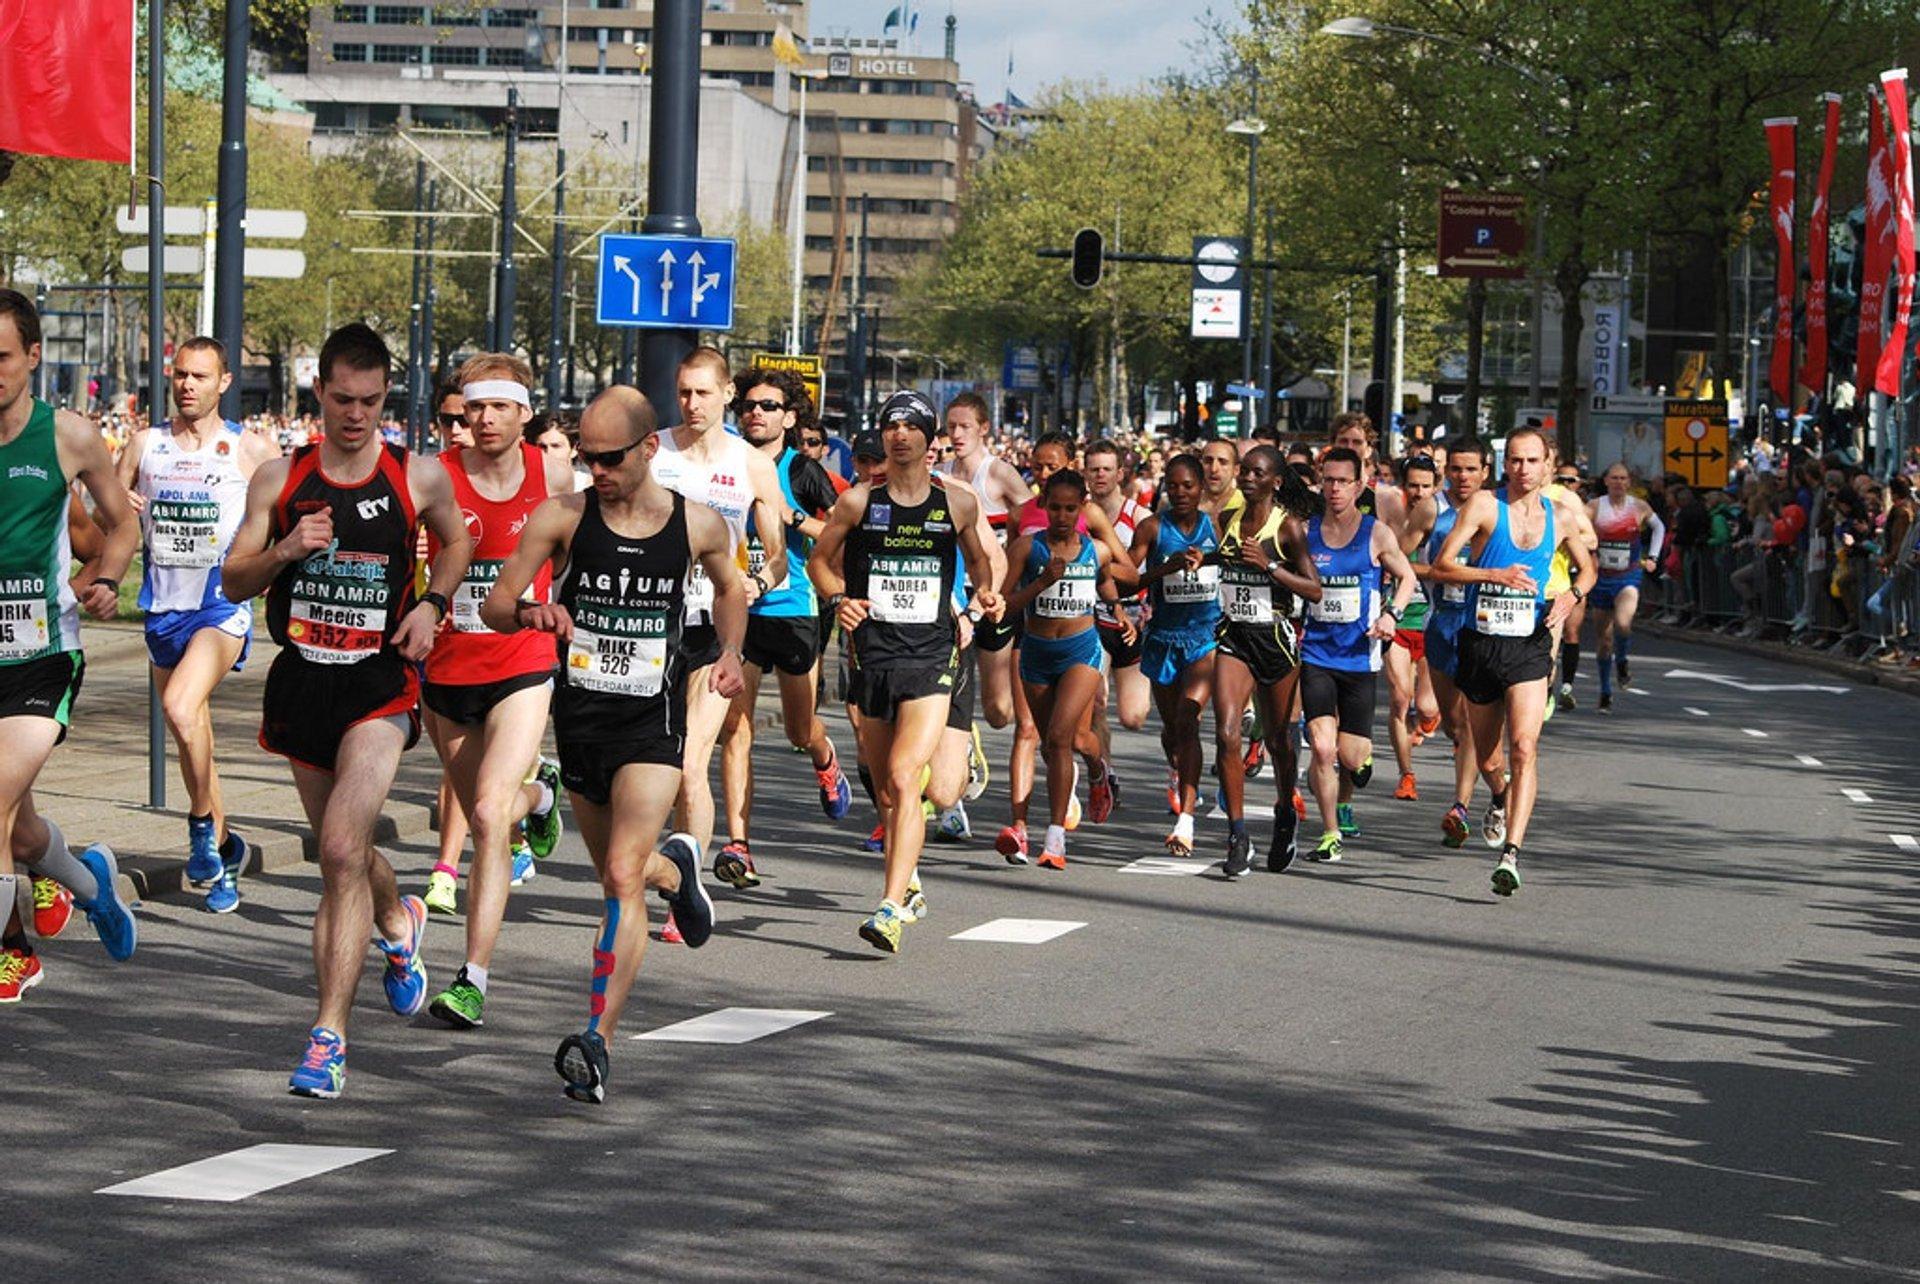 Rotterdam Marathon in The Netherlands - Best Season 2020